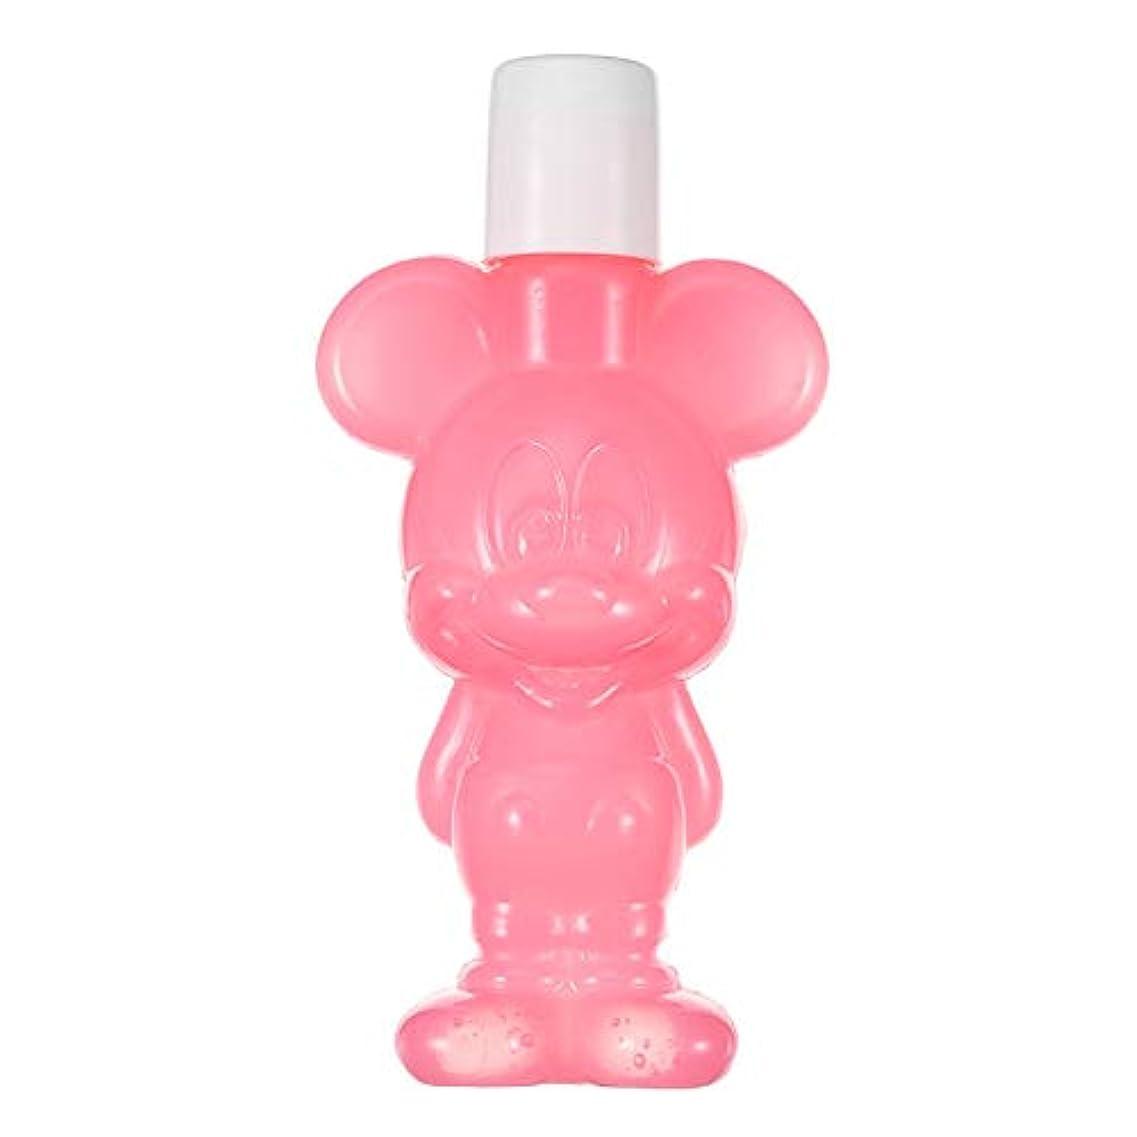 ペデスタル十分征服するディズニーストア(公式)保湿ジェル ミッキー ピンク Gummy Candy Cosme